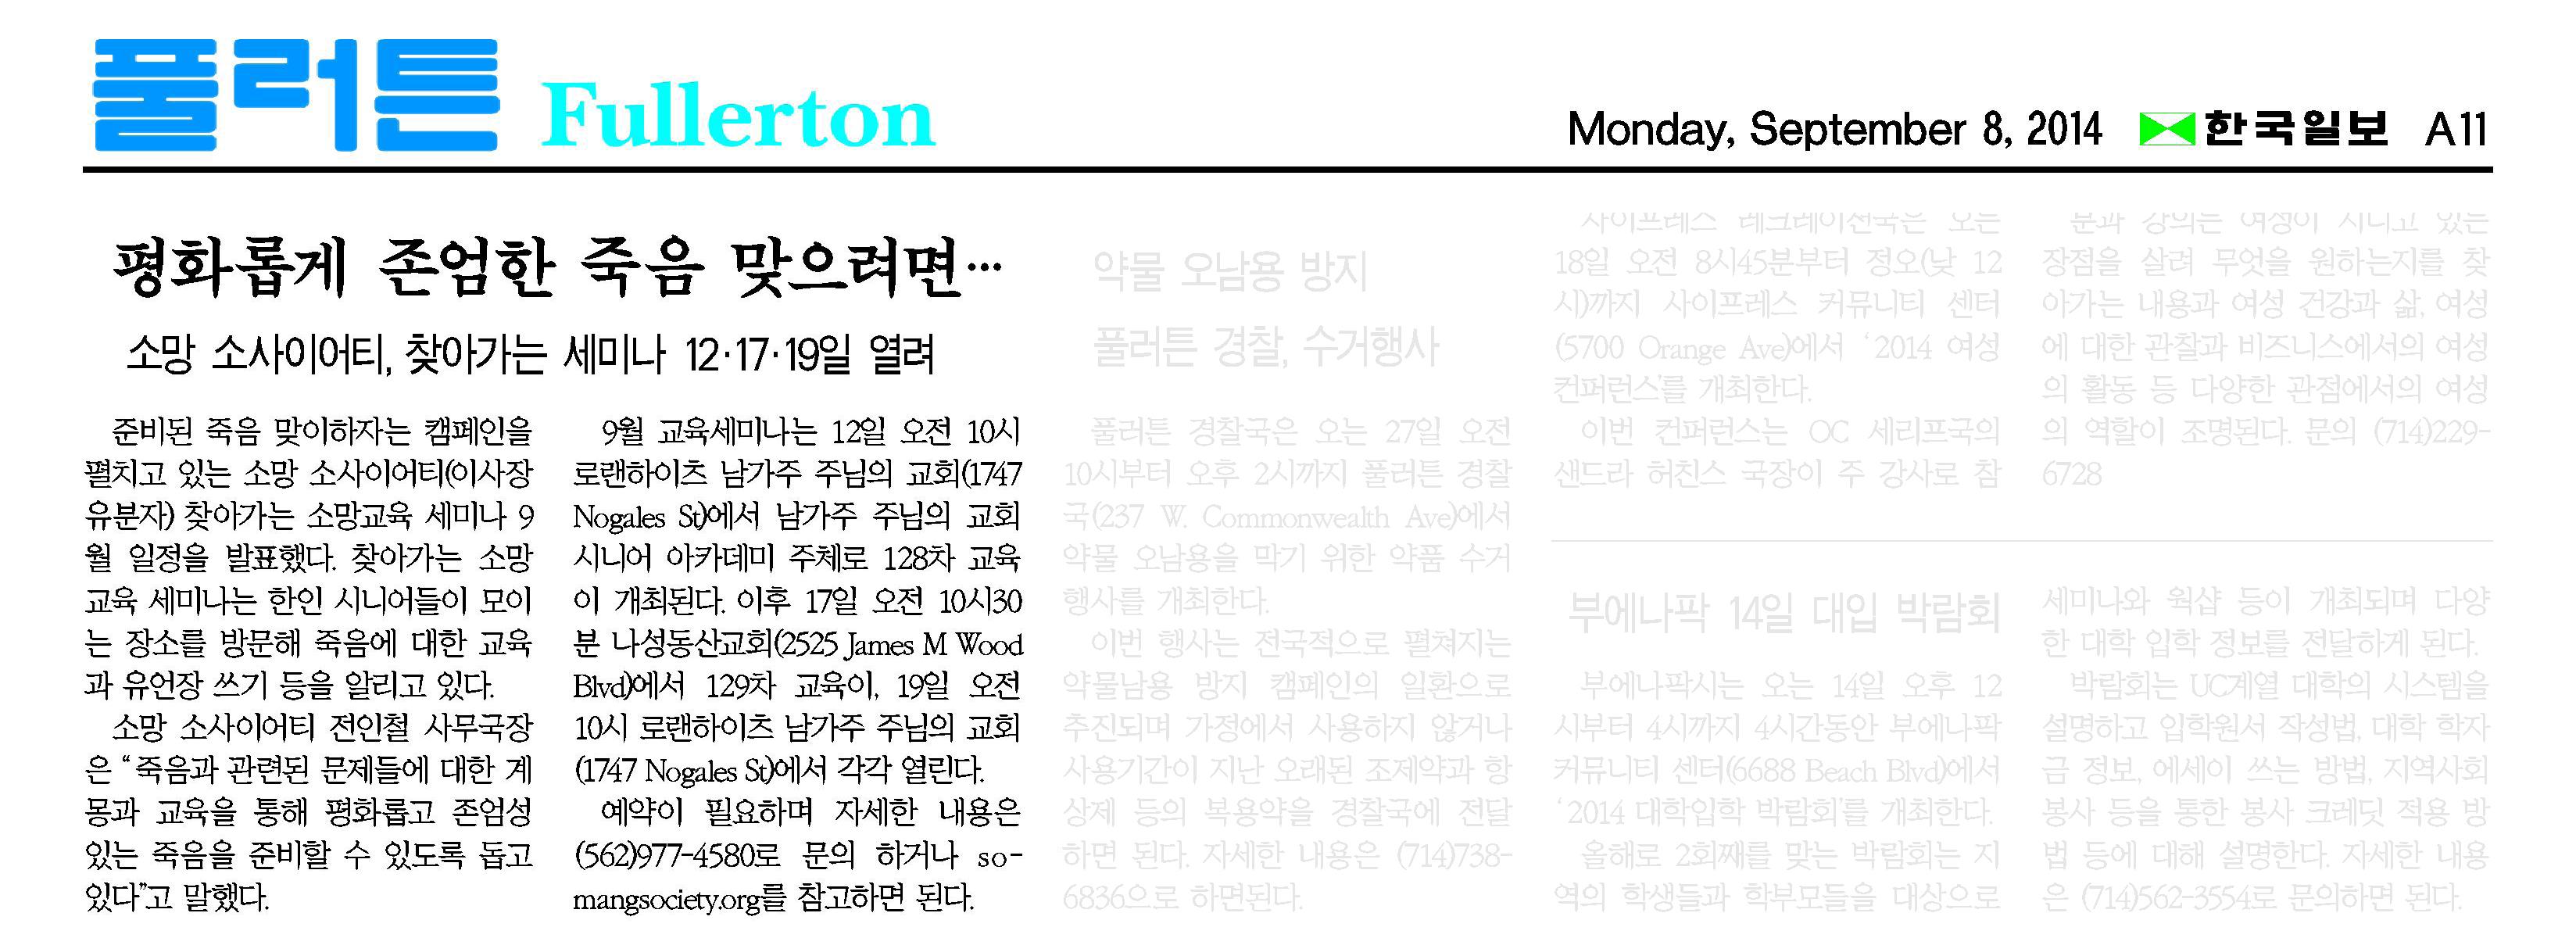 평화롭게 존엄한 죽음 맞으려면… 2014년 9월 8일 한국일보